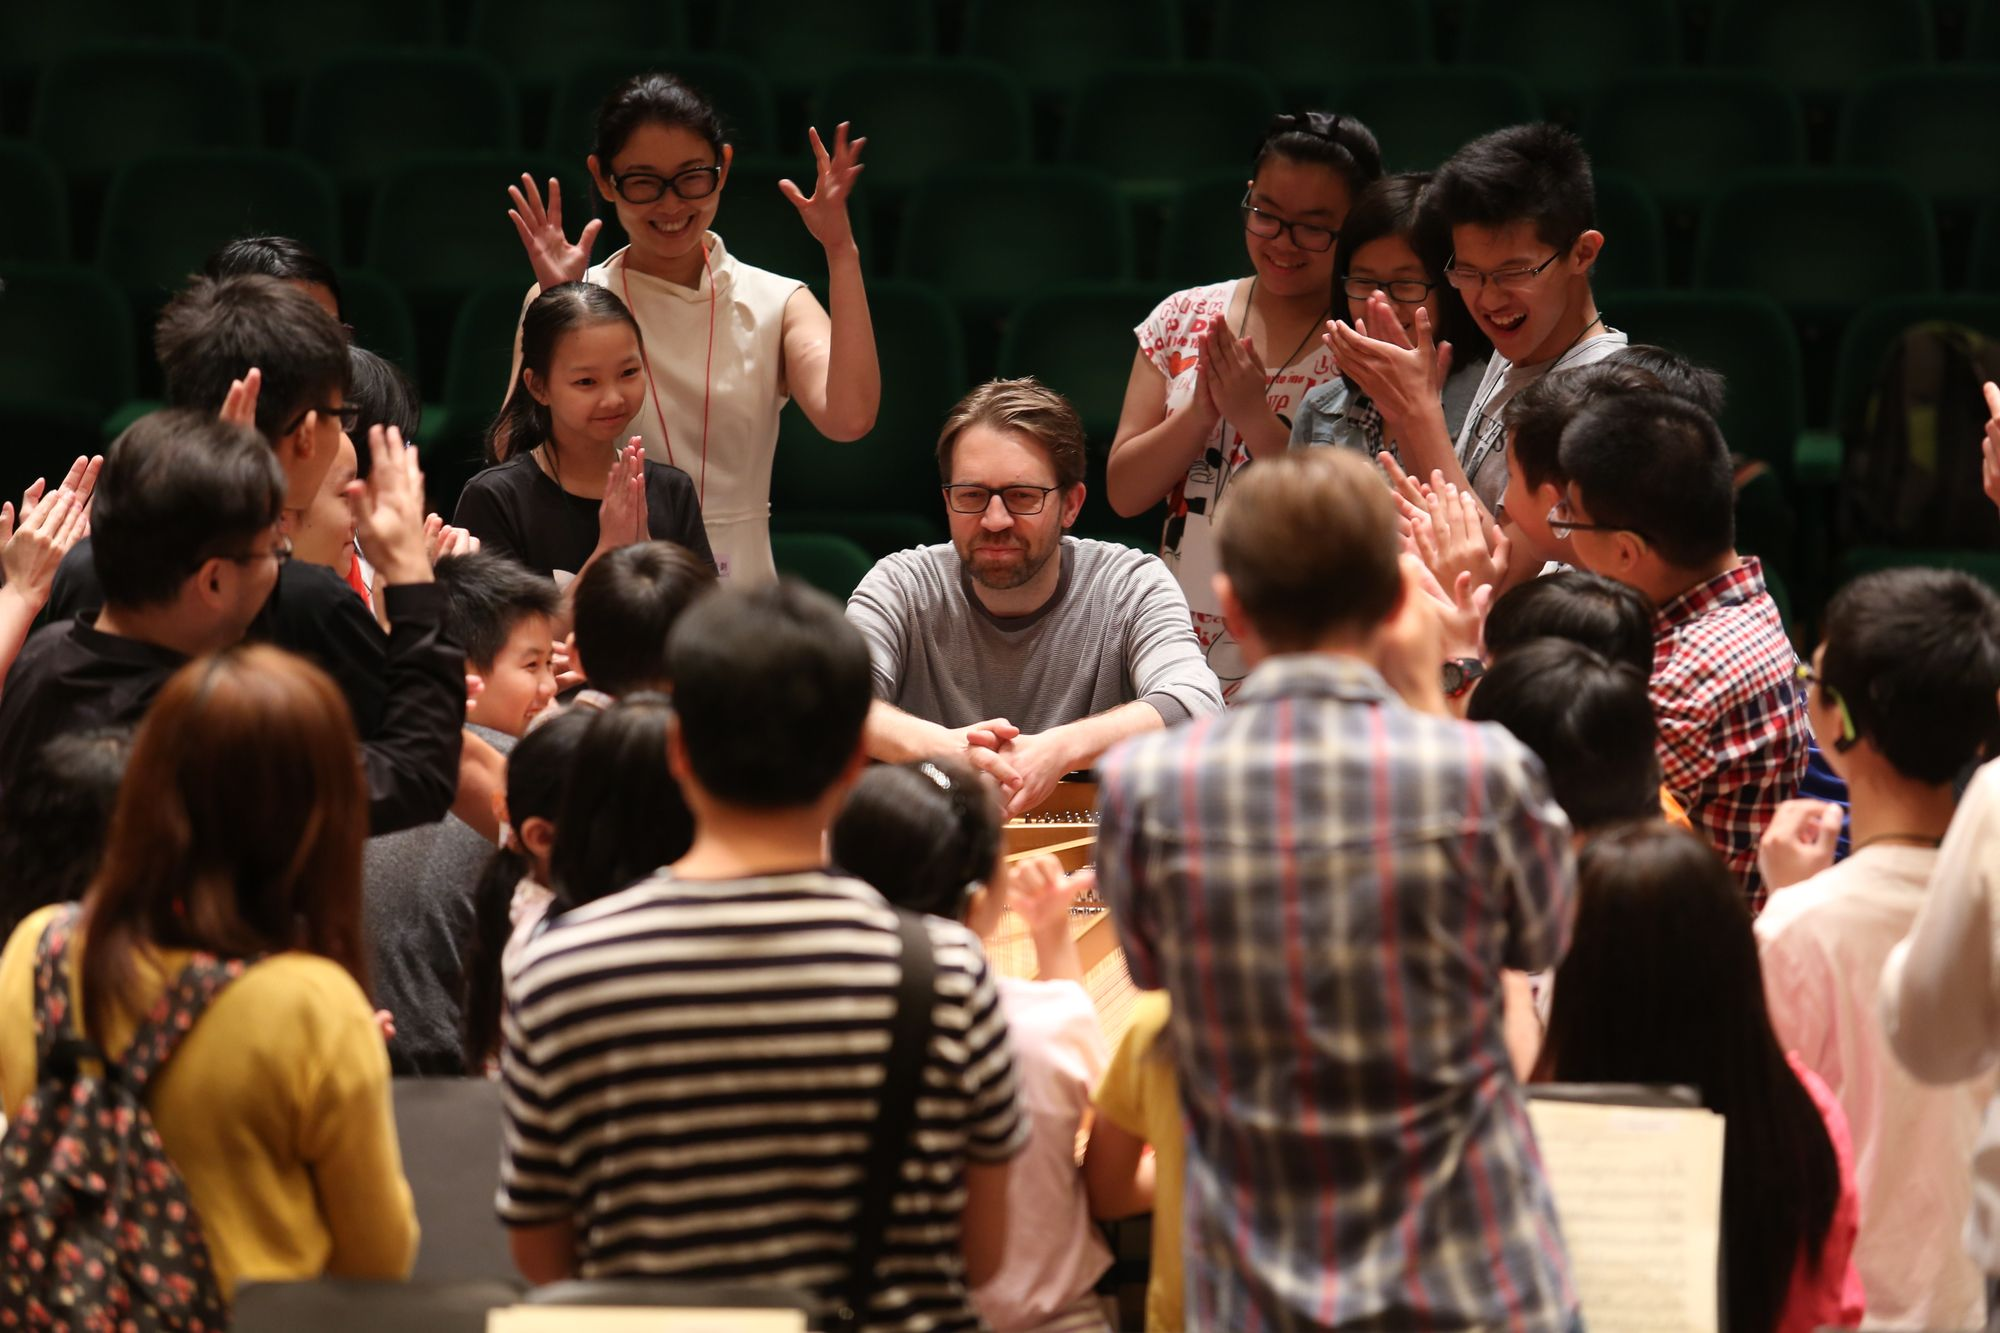 鋼琴家安斯涅斯讓所有人圍在他身邊,近距離接觸鋼琴的優美。